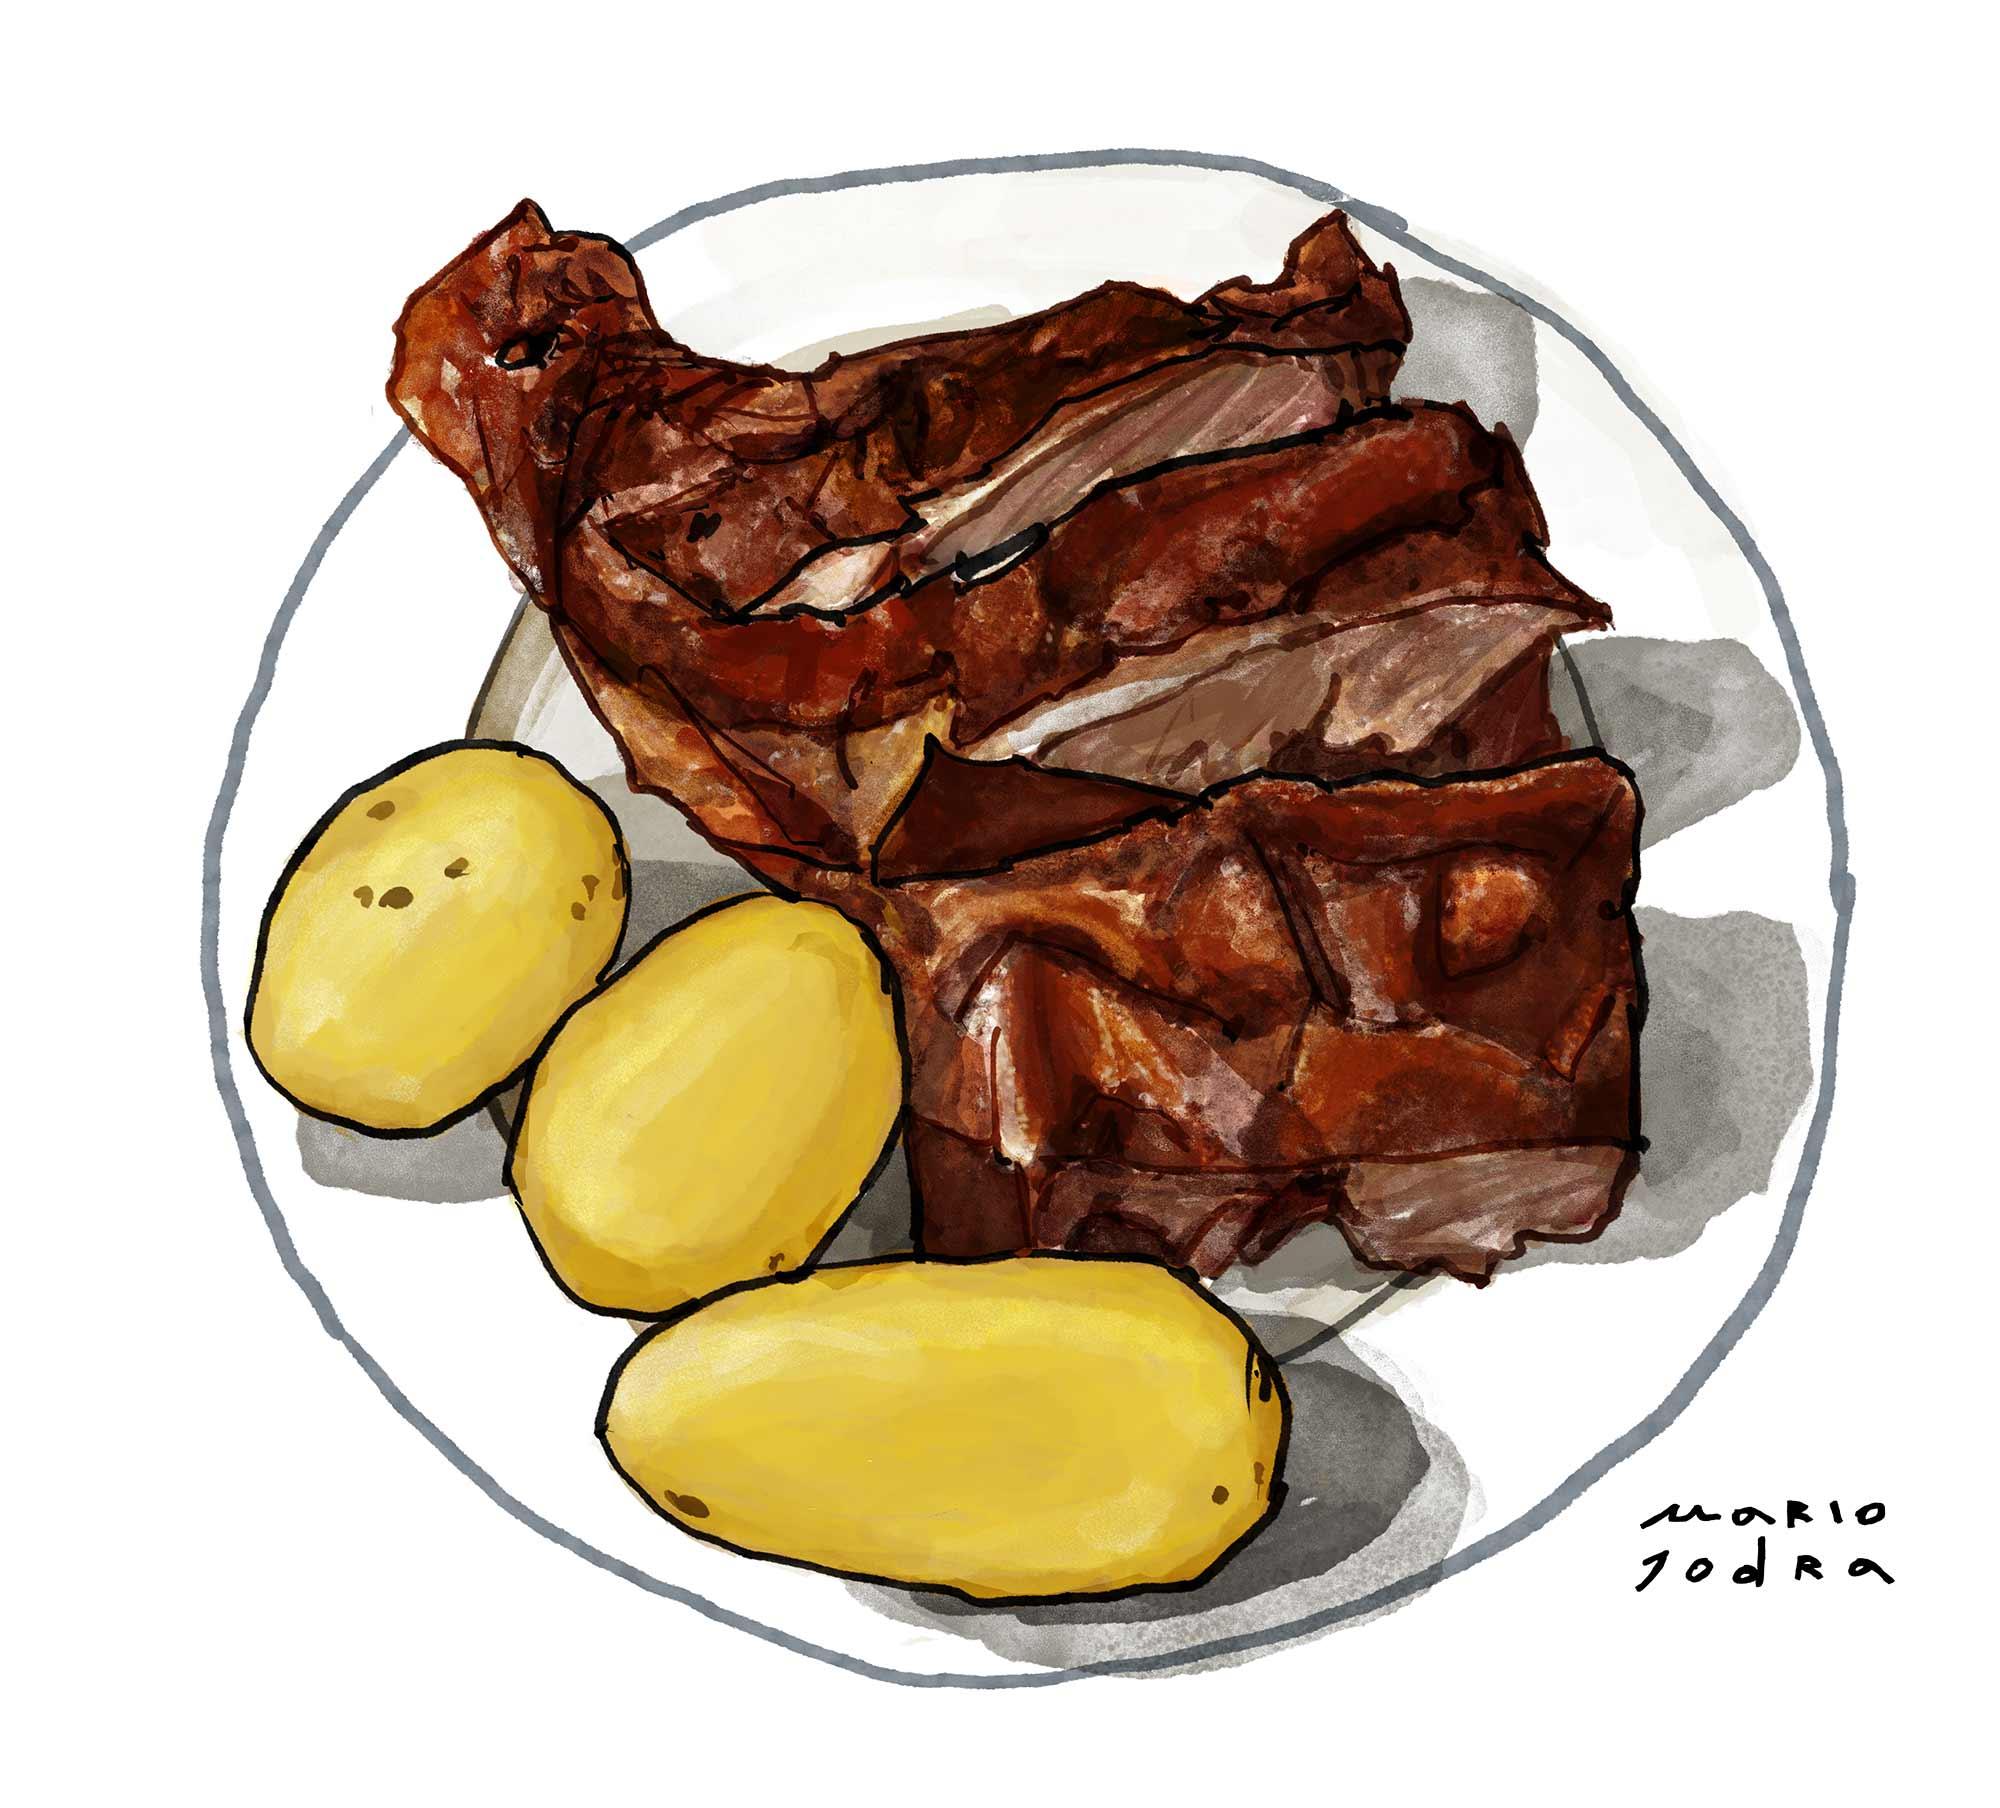 Mario Jodra illustration Art - Sobrinos de Botín: Asado con patatas